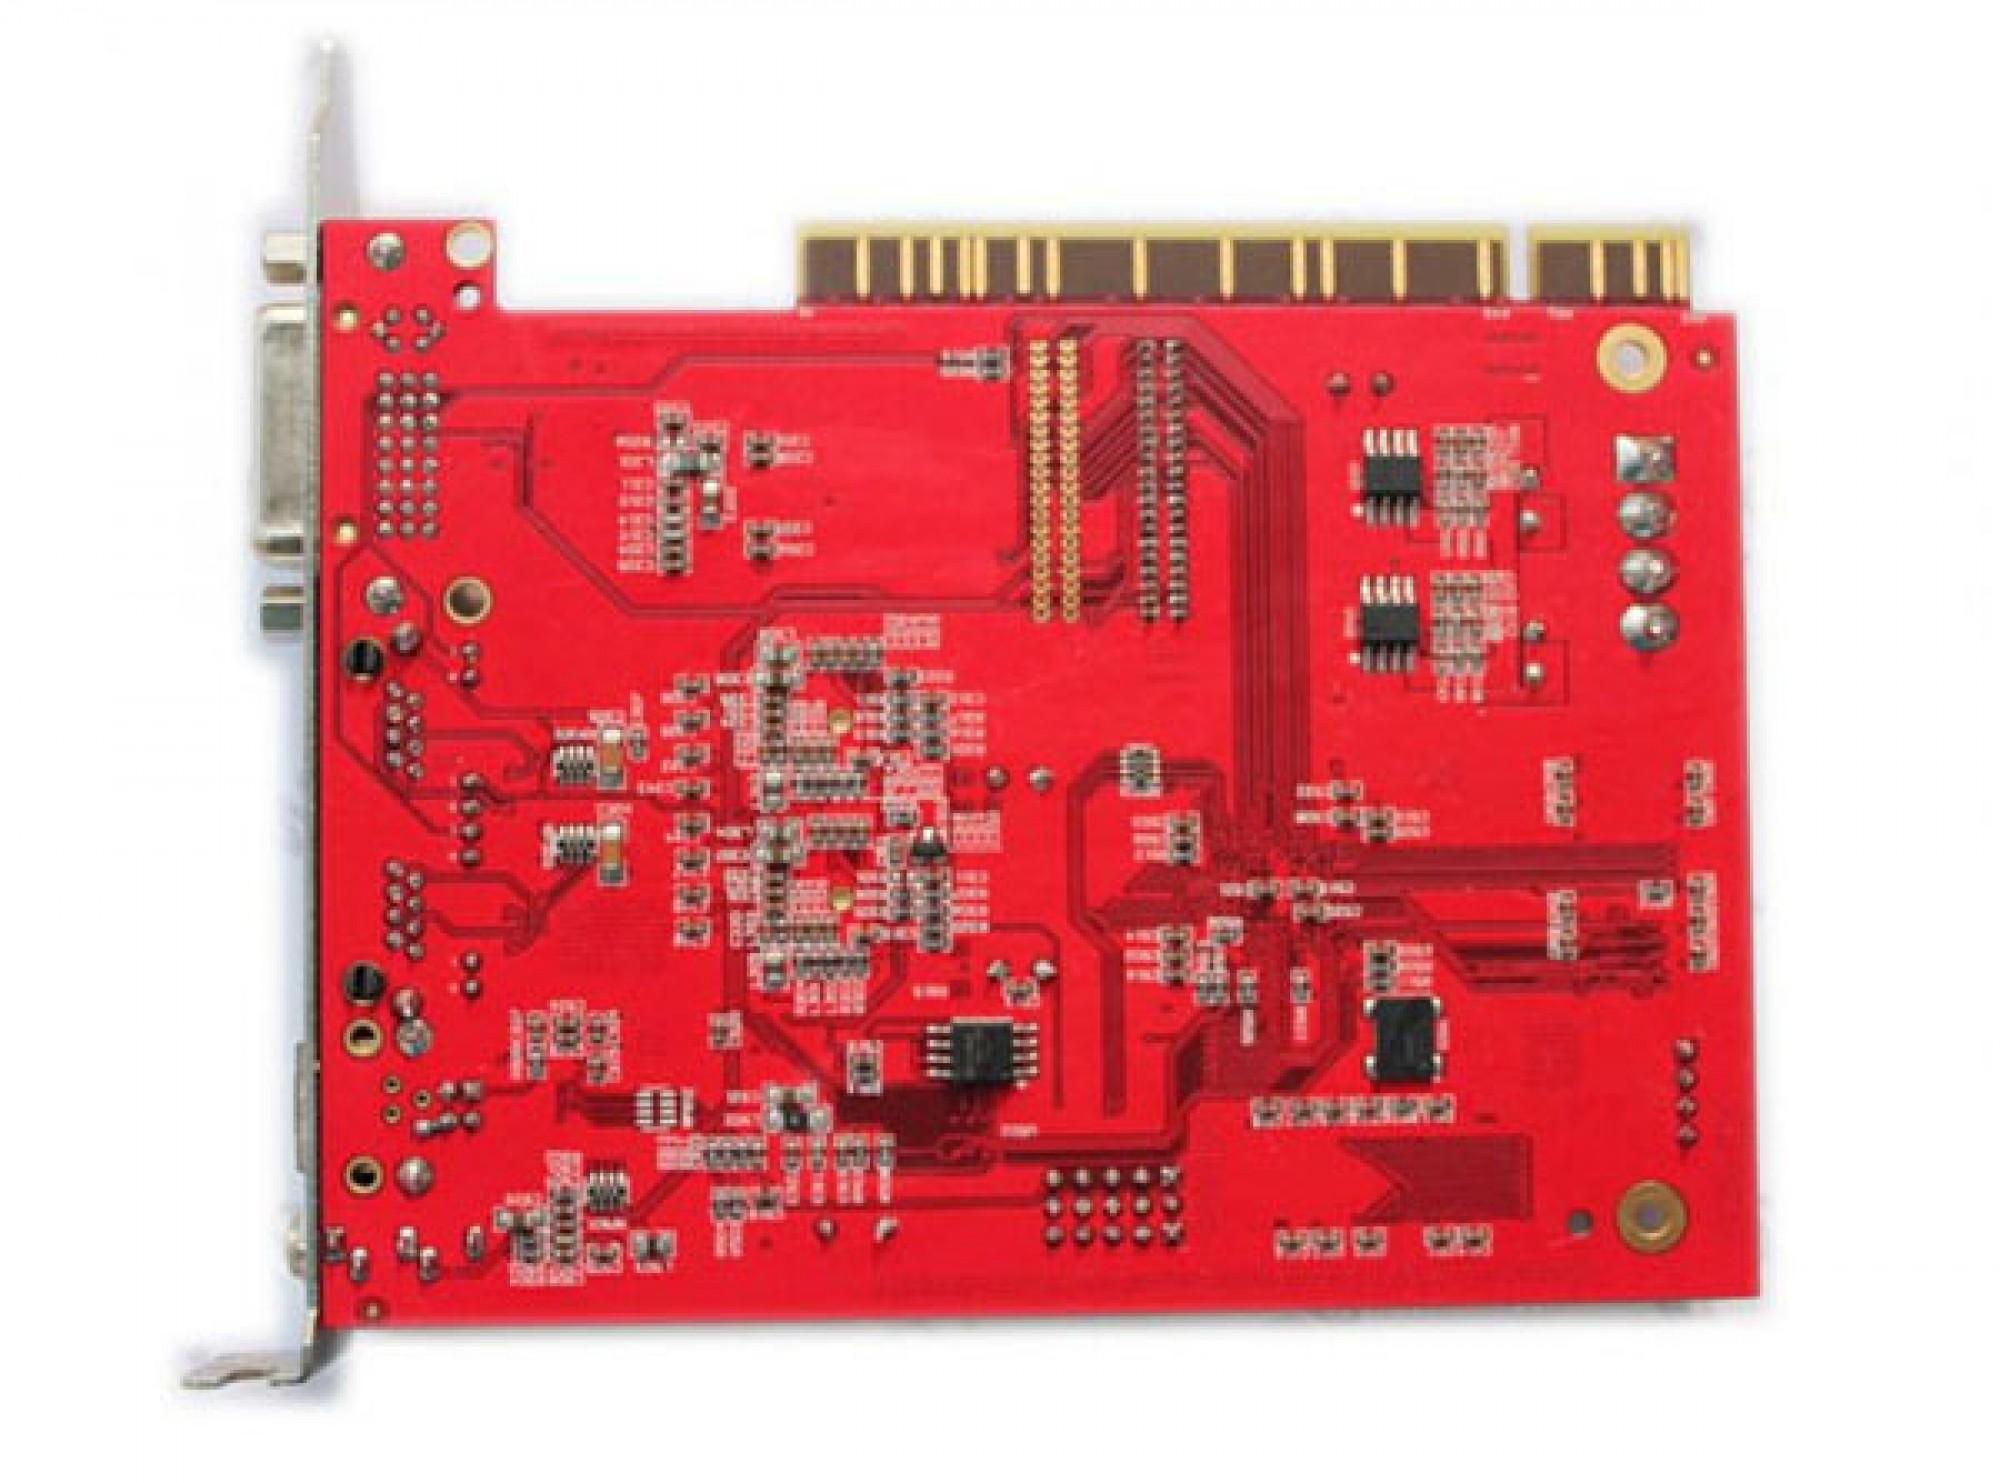 DBstar DBS-HVT11(HVT2011) LED Transmission Card